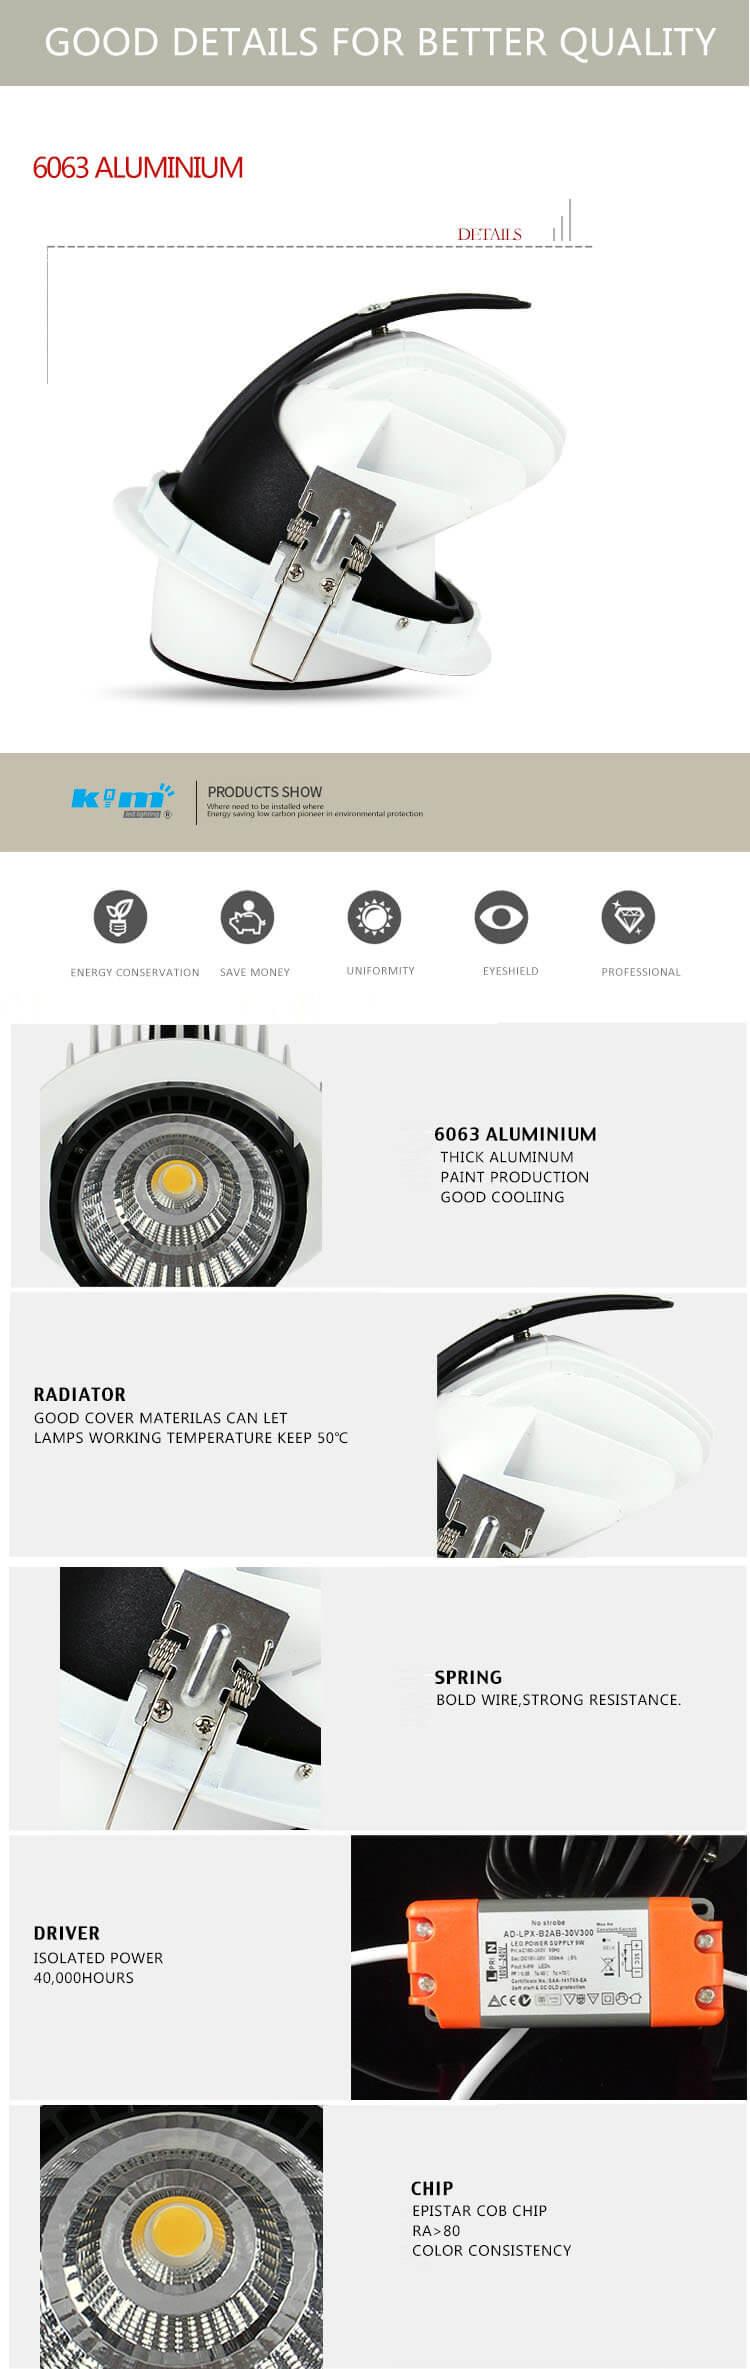 24degree led gimbal light